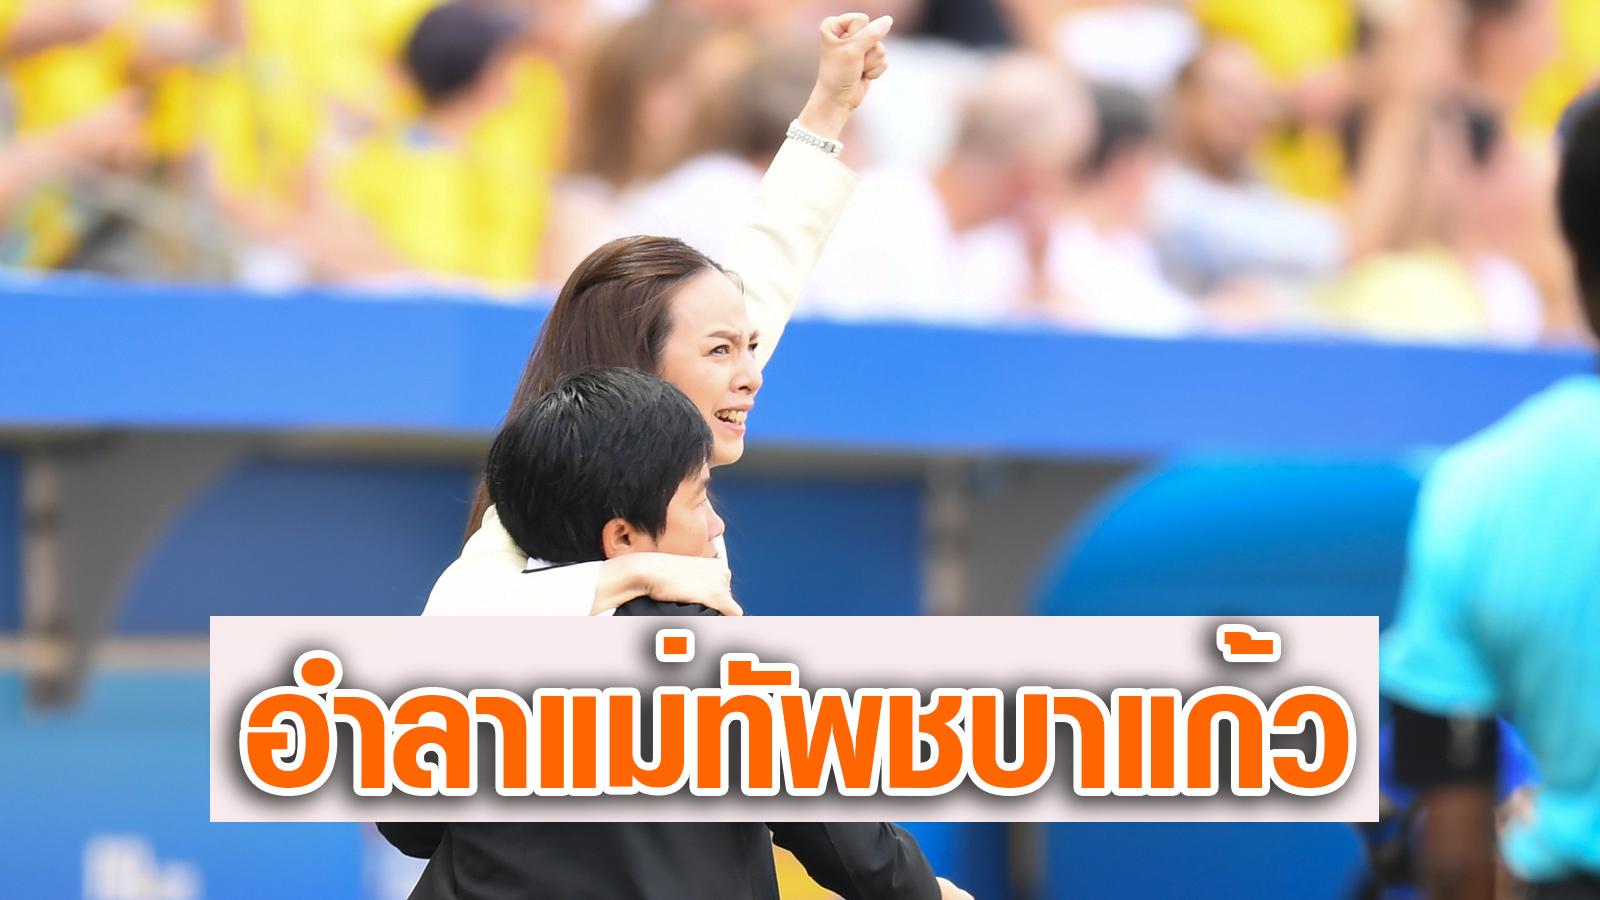 นวลพรรณ ล่ำซำ ฟุตบอลหญิงทีมชาติไทย ฟุตบอลโลกหญิง 2019 หนึ่งฤทัย สระทองเวียน